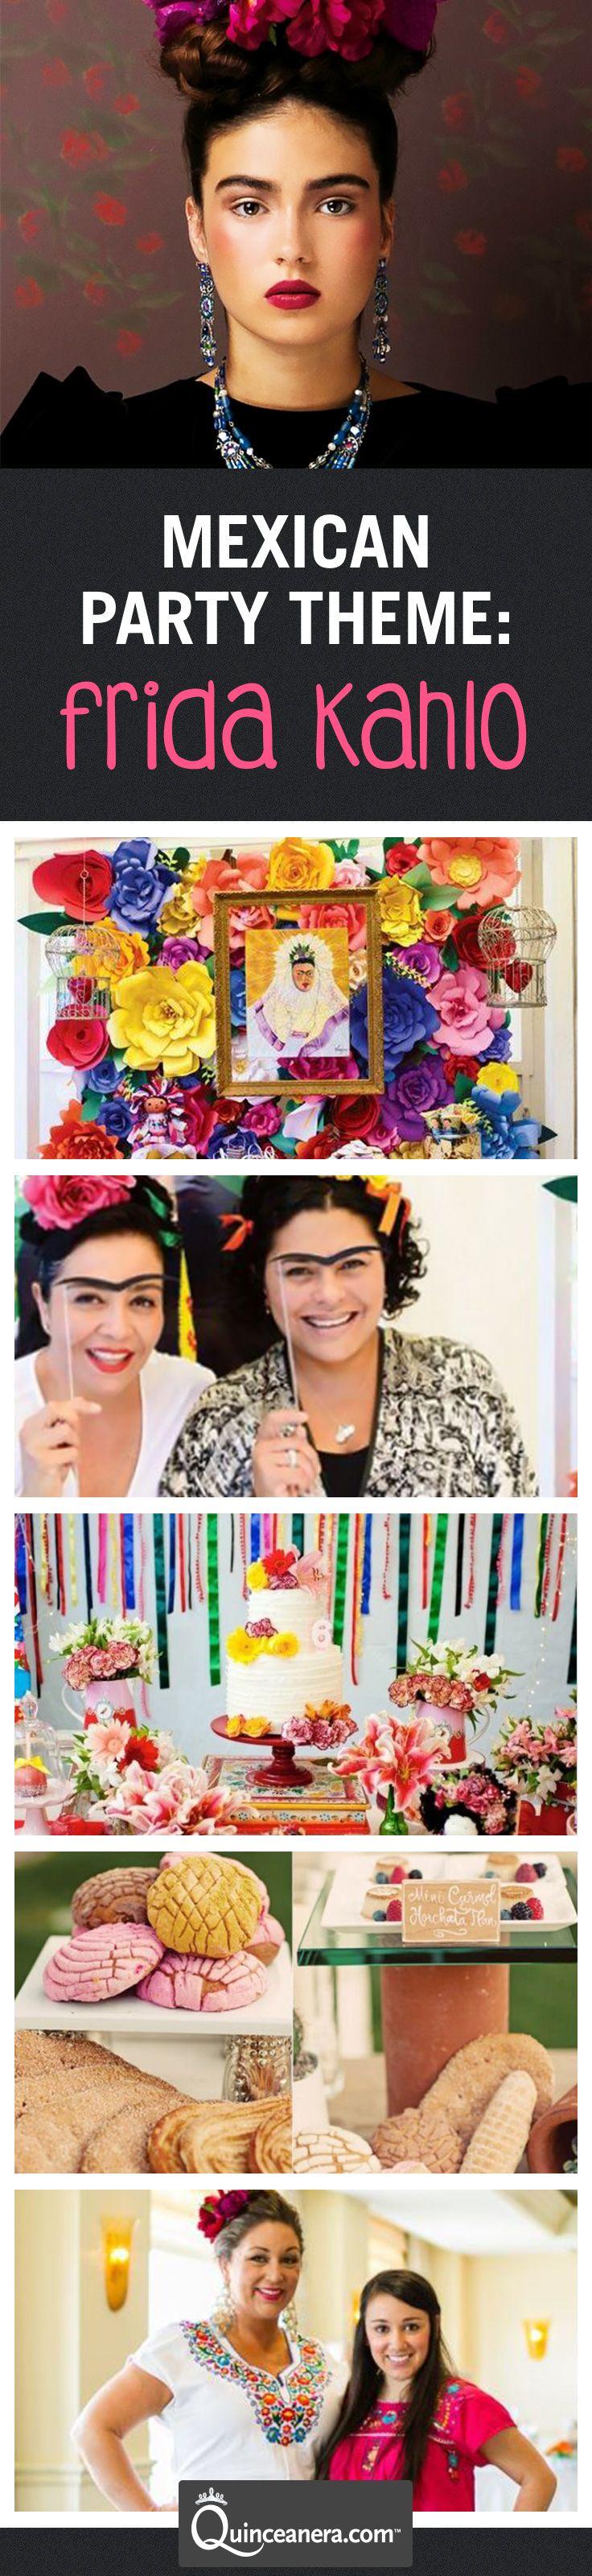 Pienso que aprender a Frida Kahlo en la clase de español 2 con Señora Thrush. Aprendemos a su historia y miramos una pelicula de Kahlo.